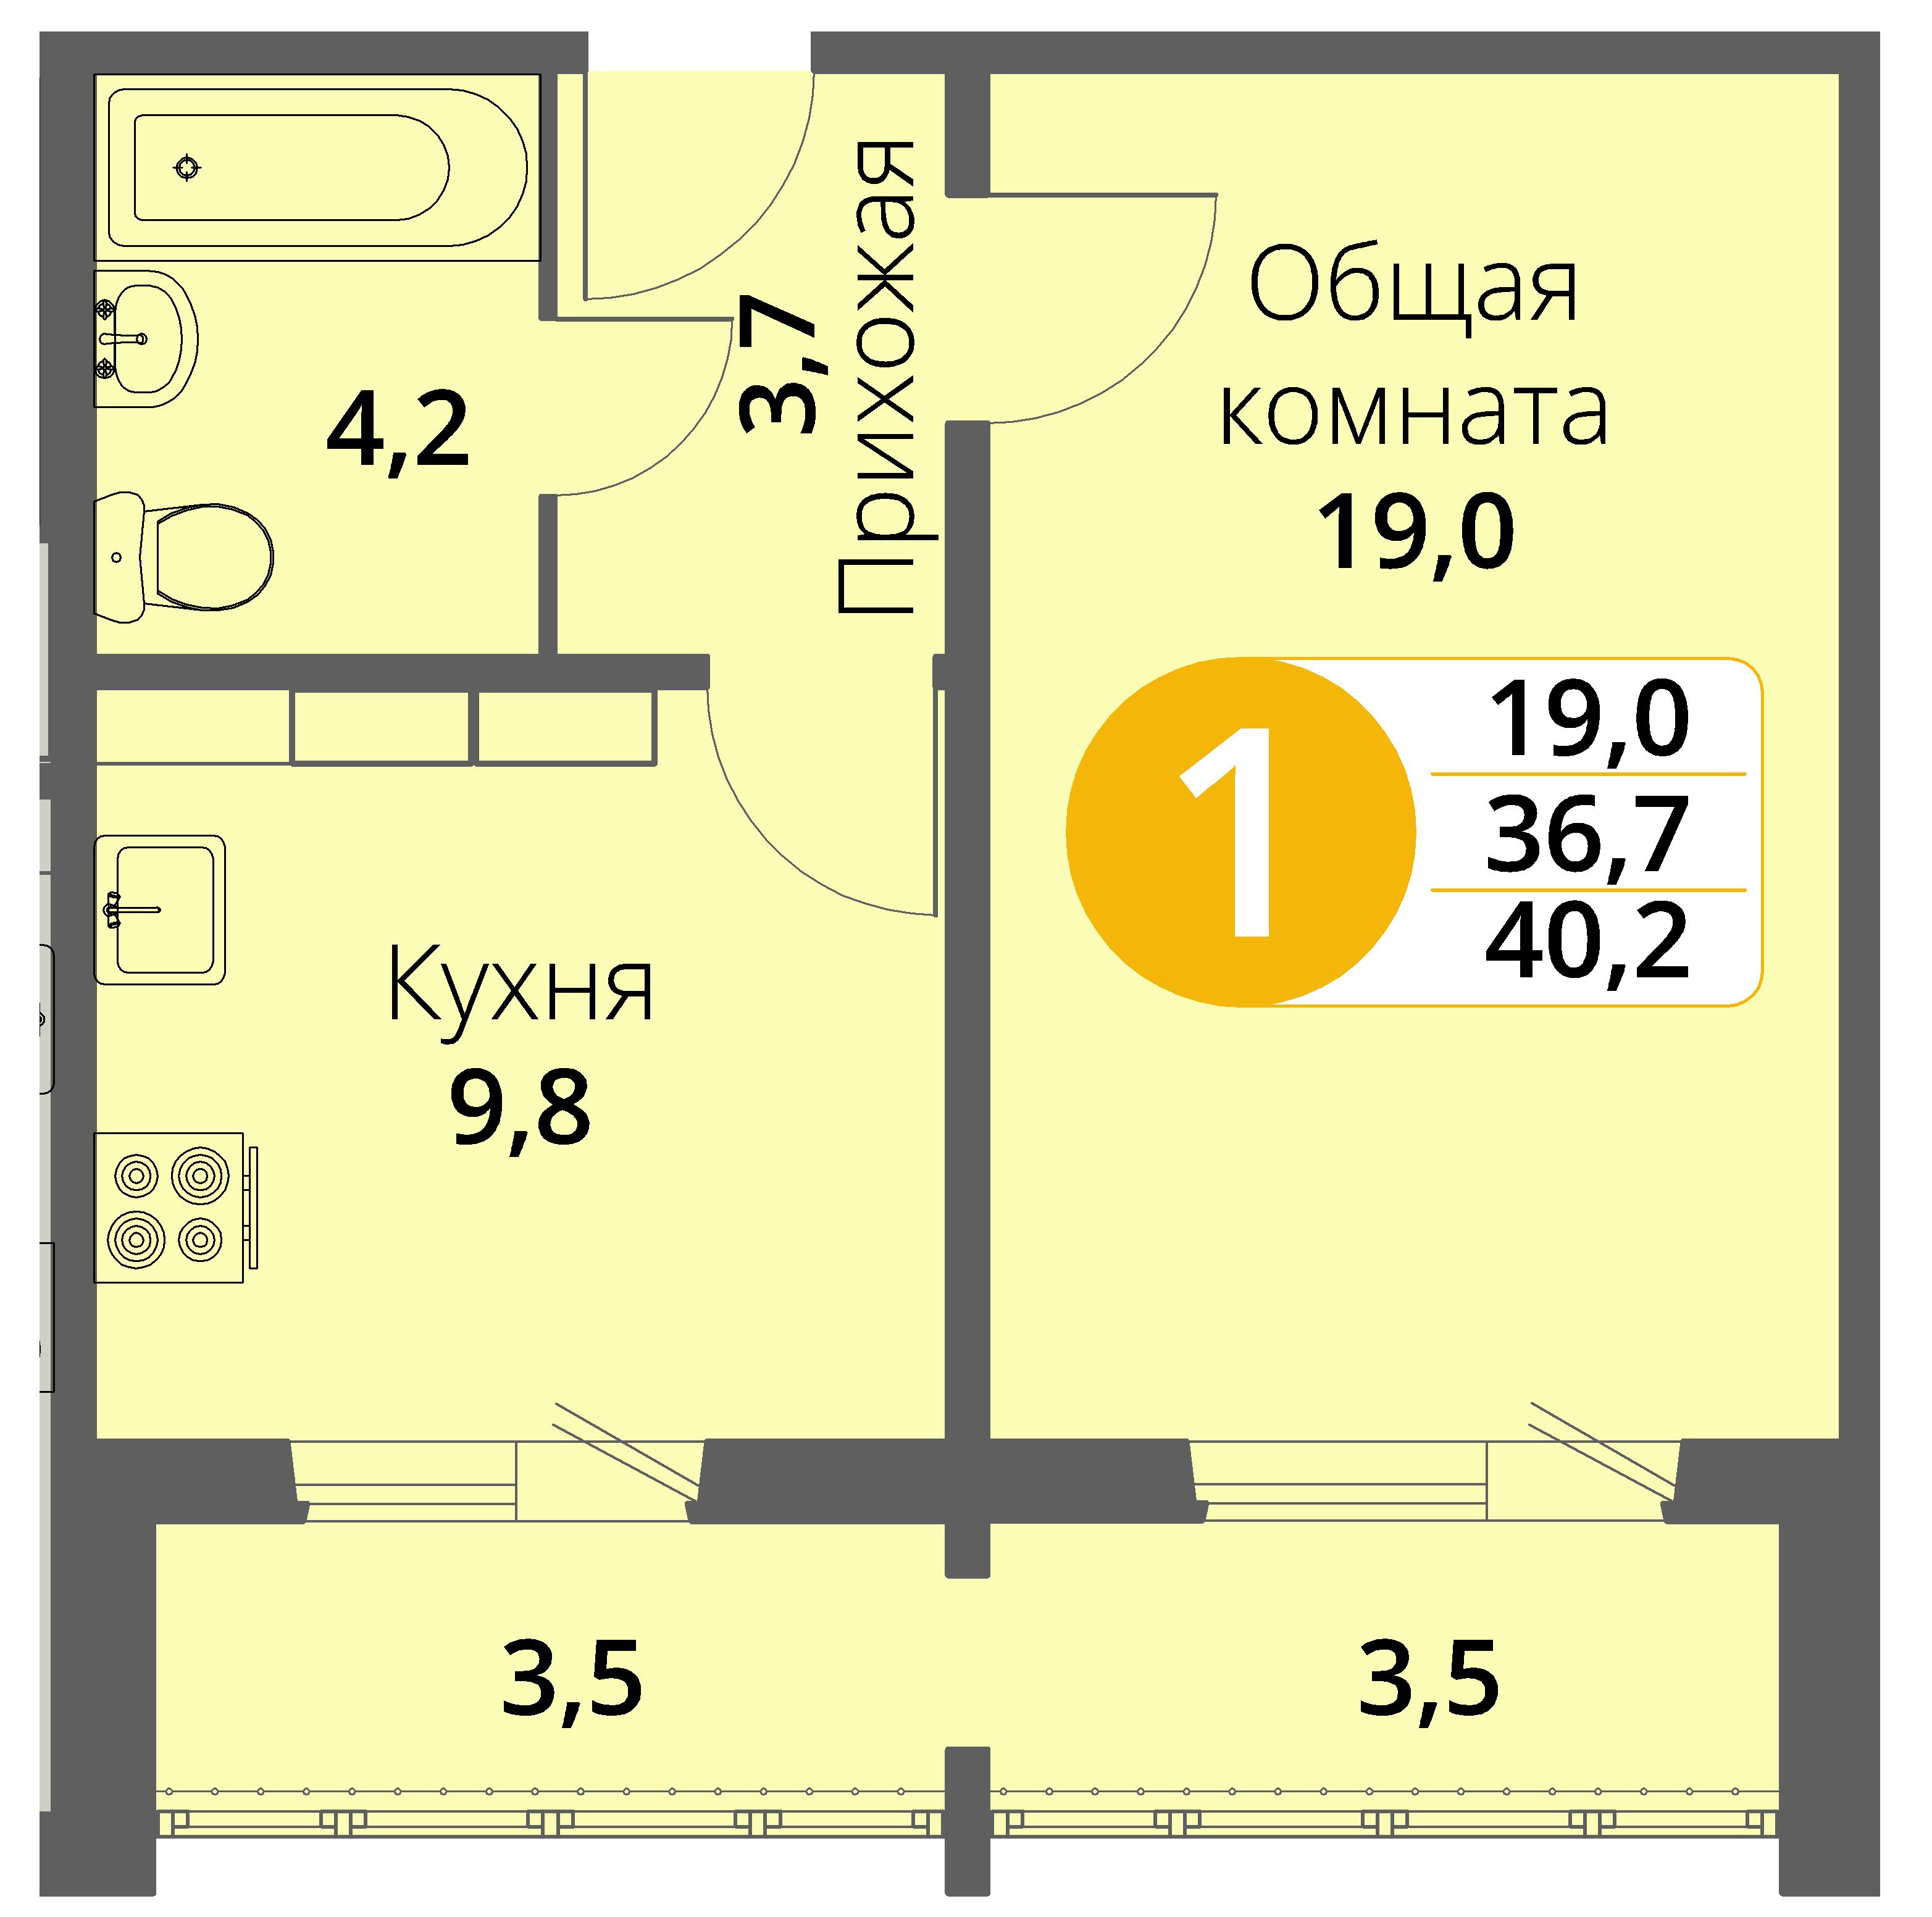 Зареченская 1-1, квартира 133 - Однокомнатная